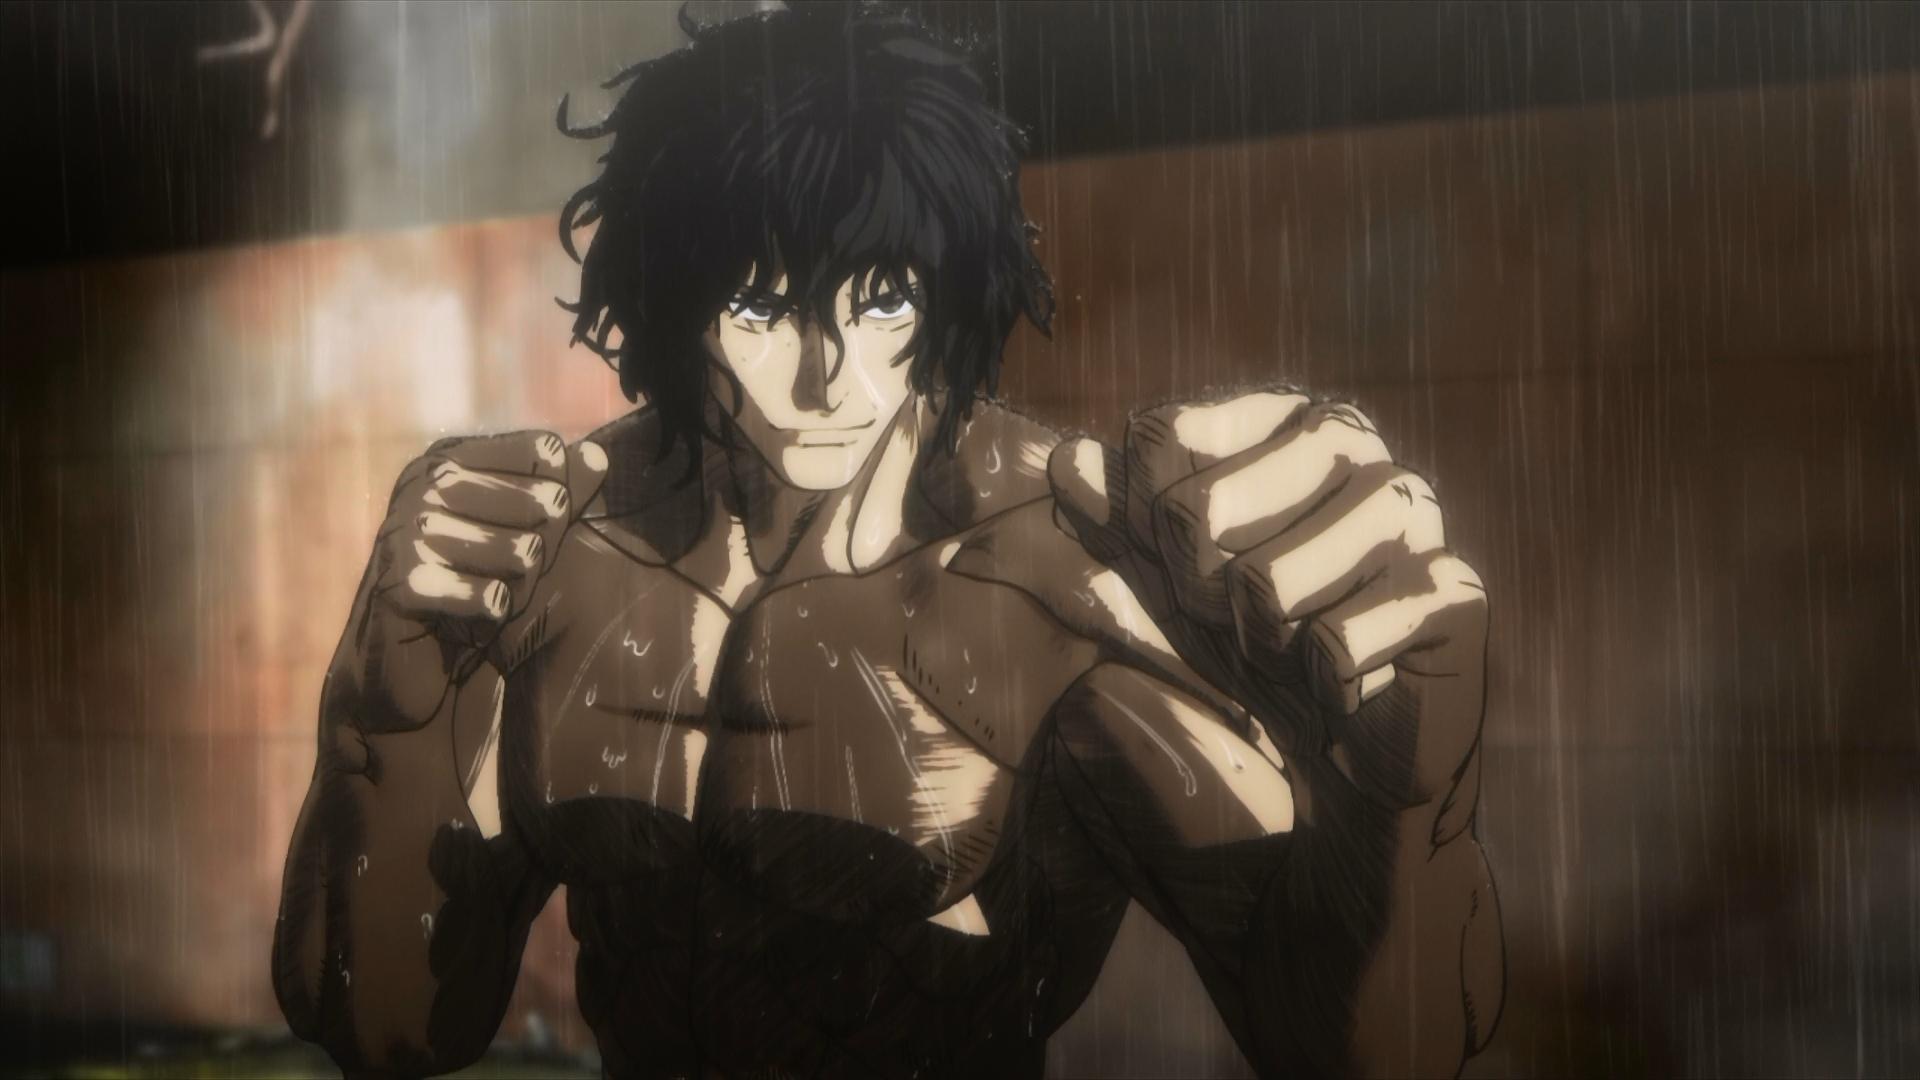 Segunda parte de Kengan Ashura Anime visualizada em vídeo